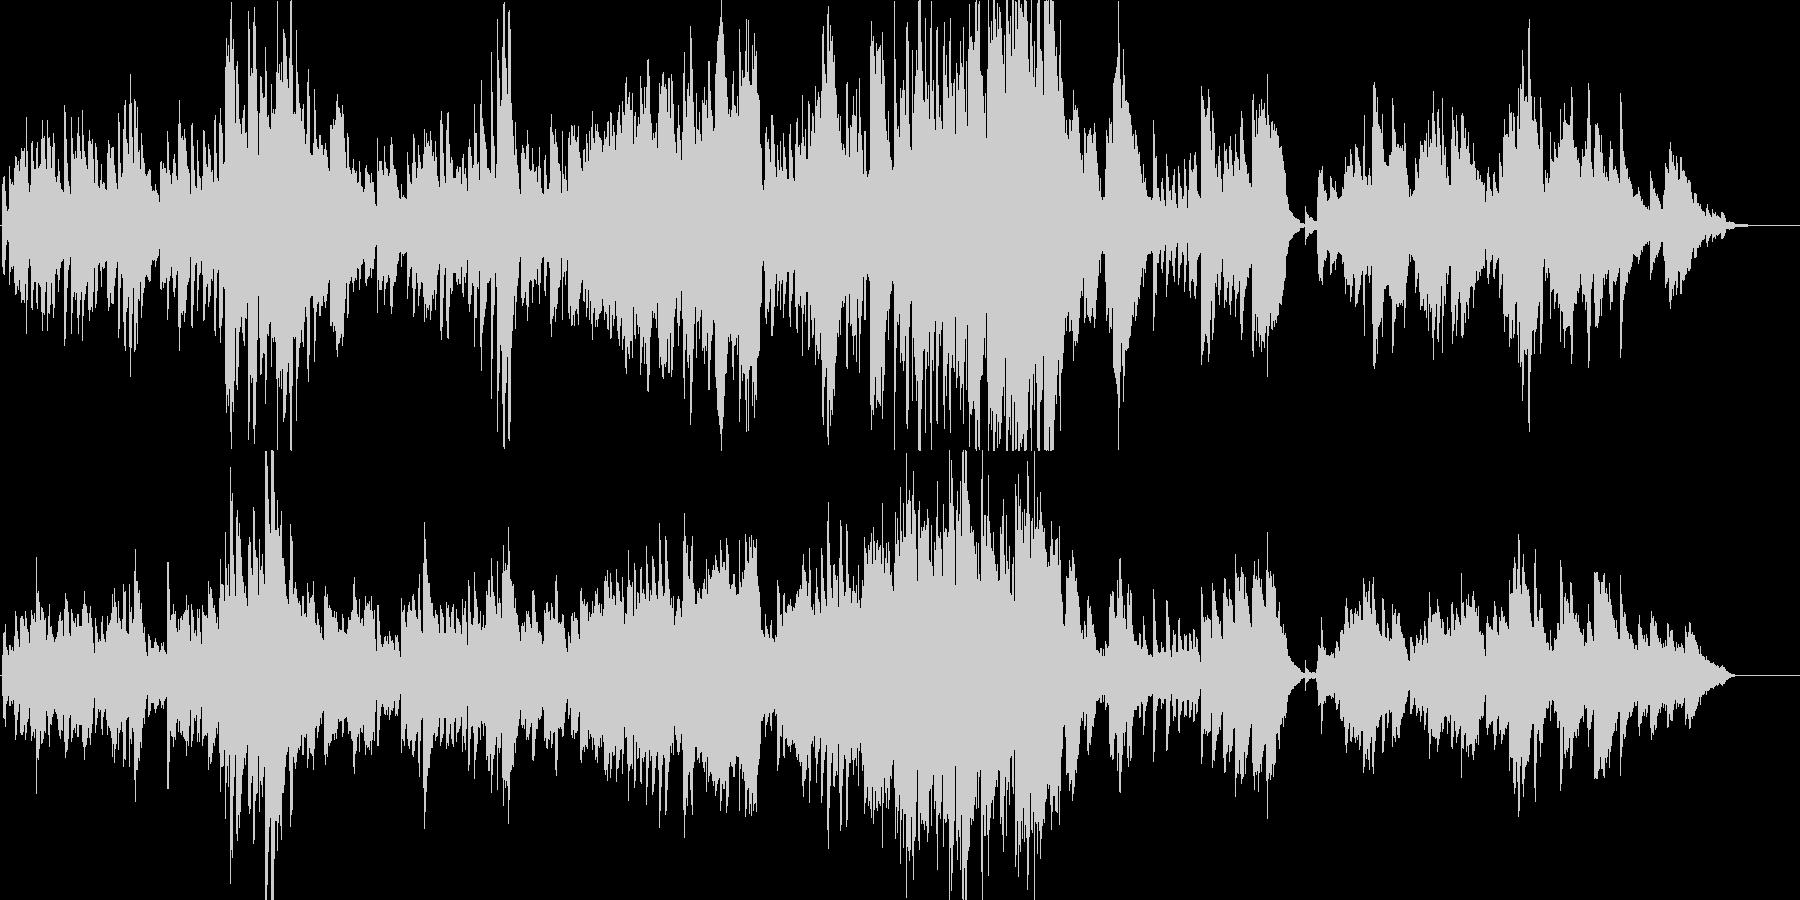 告白の雪-ピアノバラードの未再生の波形